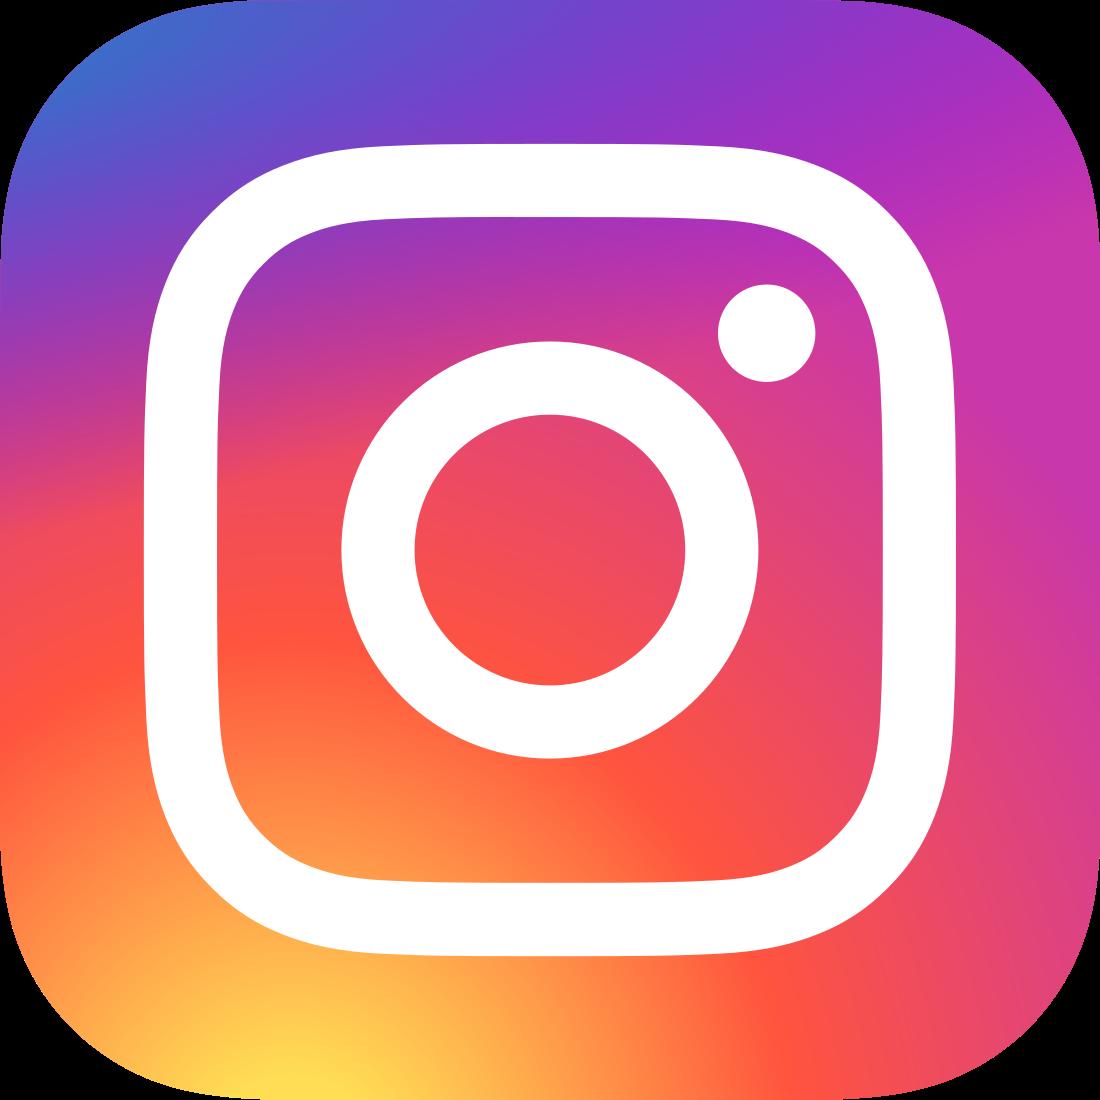 instagram logo 9 - Instagram Logo